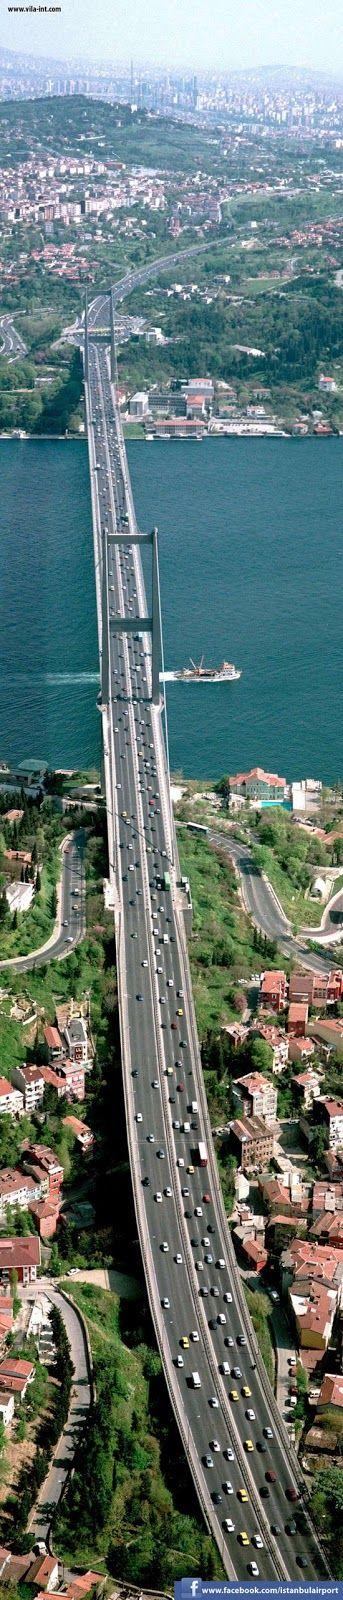 Bosphorus Istanbul, Turkey D Te invitamos a pensar en tu futuro y el de tu familia. http://metacafecolombia.com/